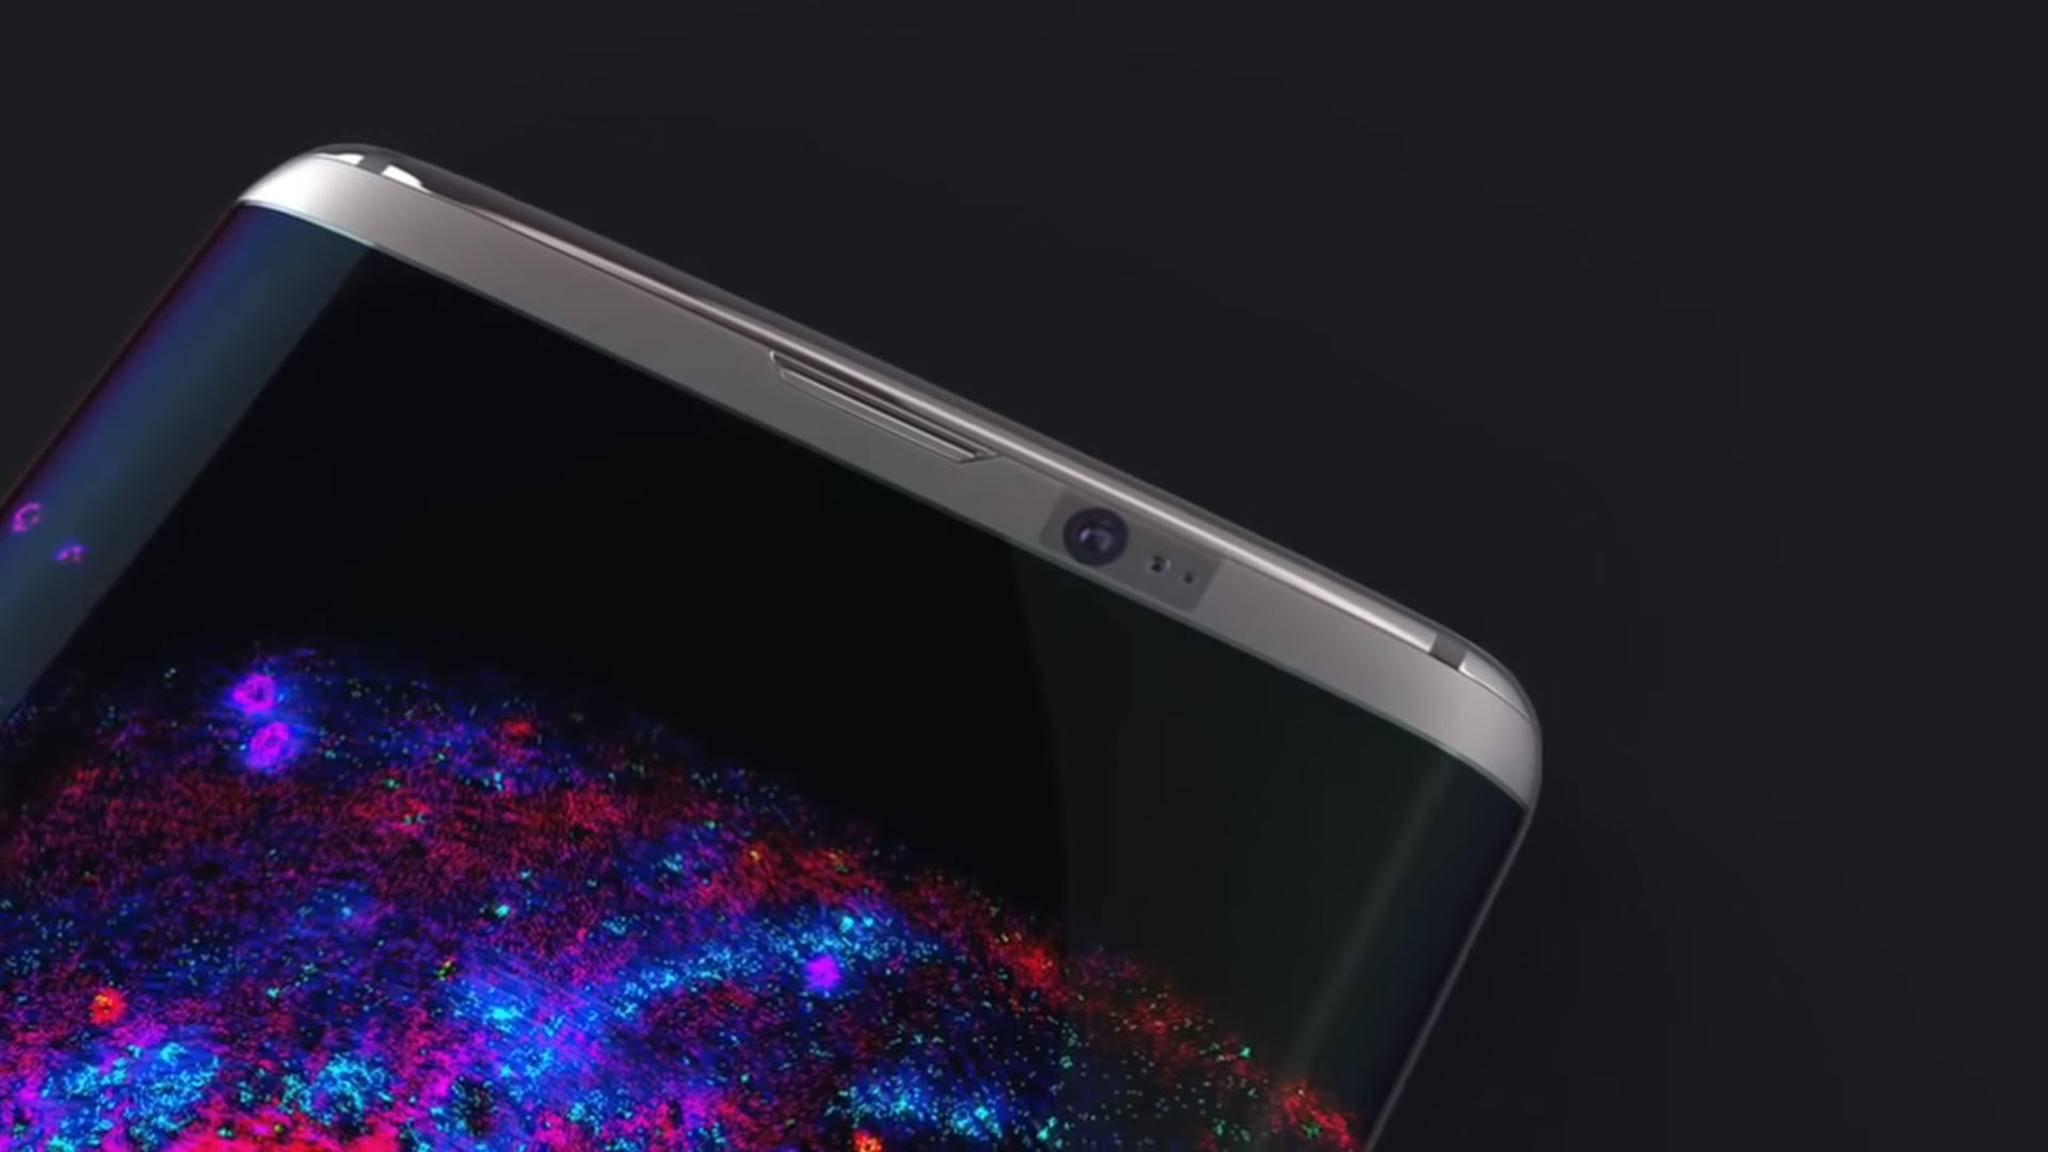 Die Software für Galaxy S8 wird bereits entwickelt.